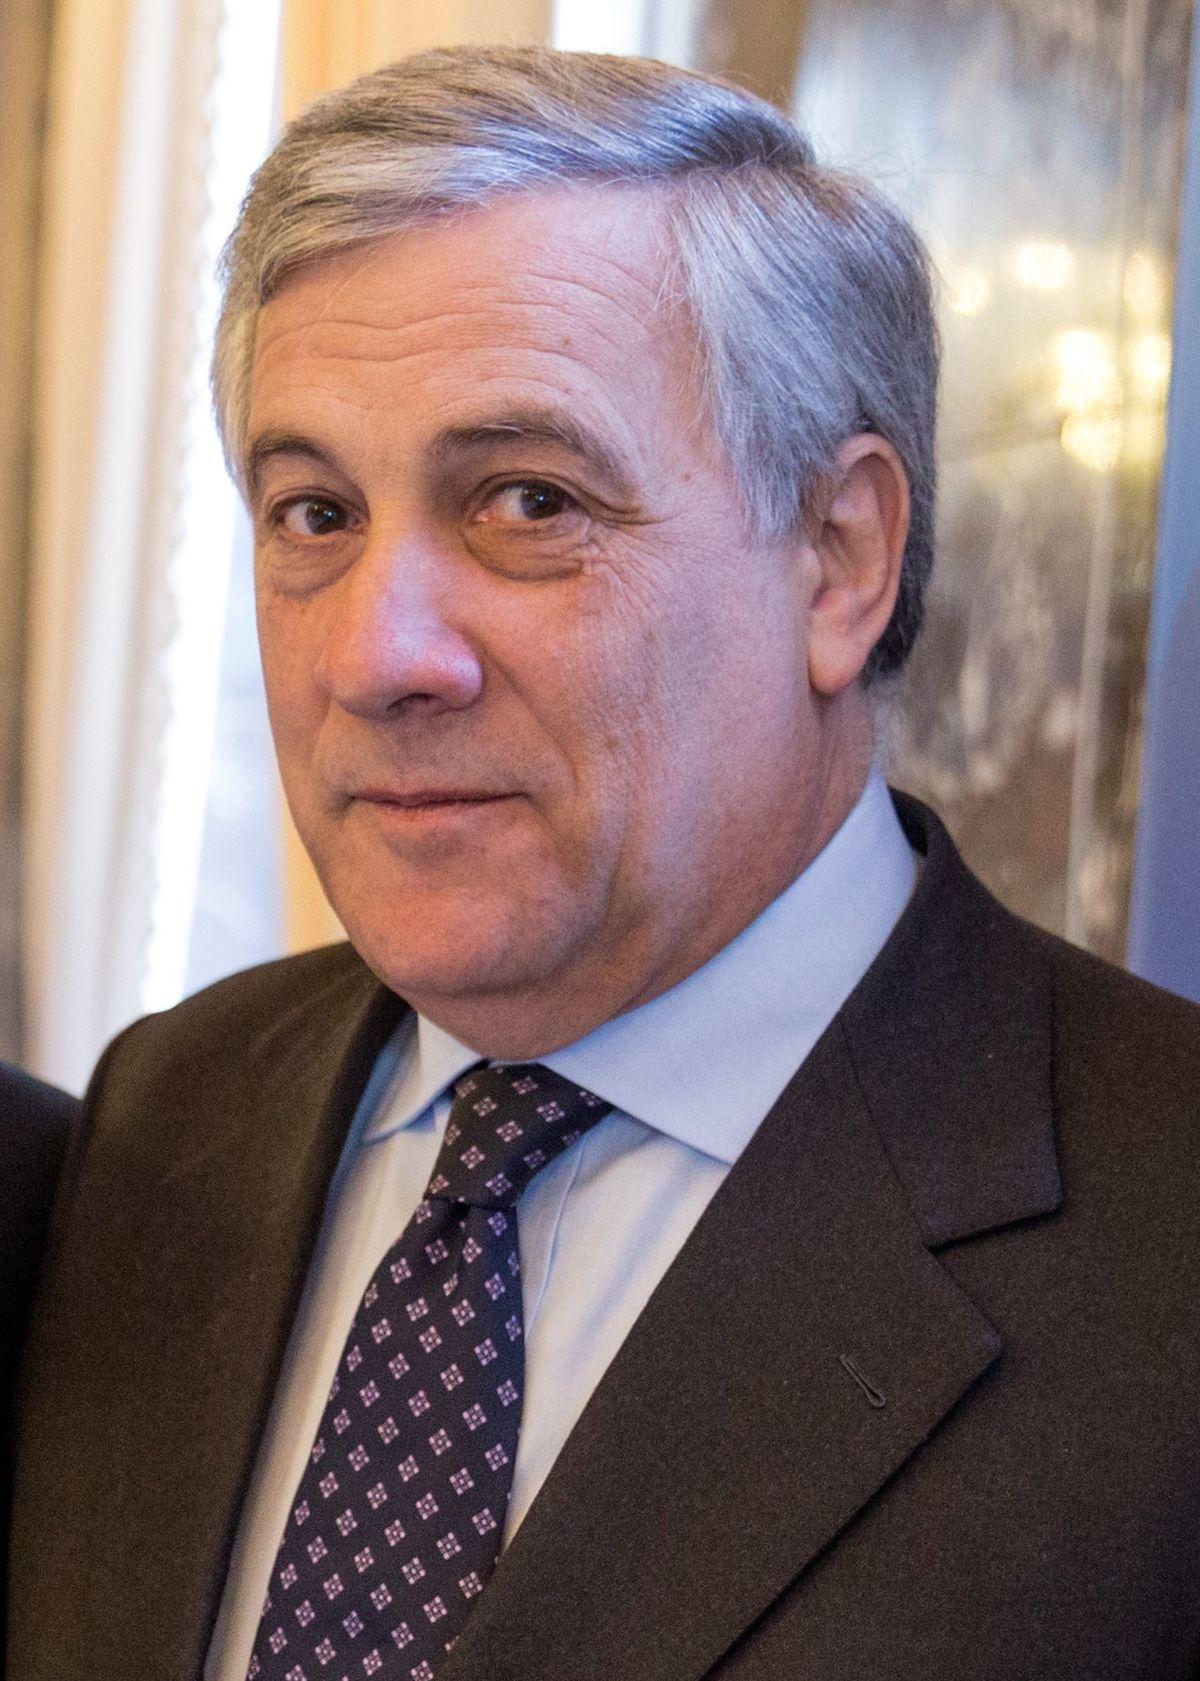 Antonio_Tajani_2016